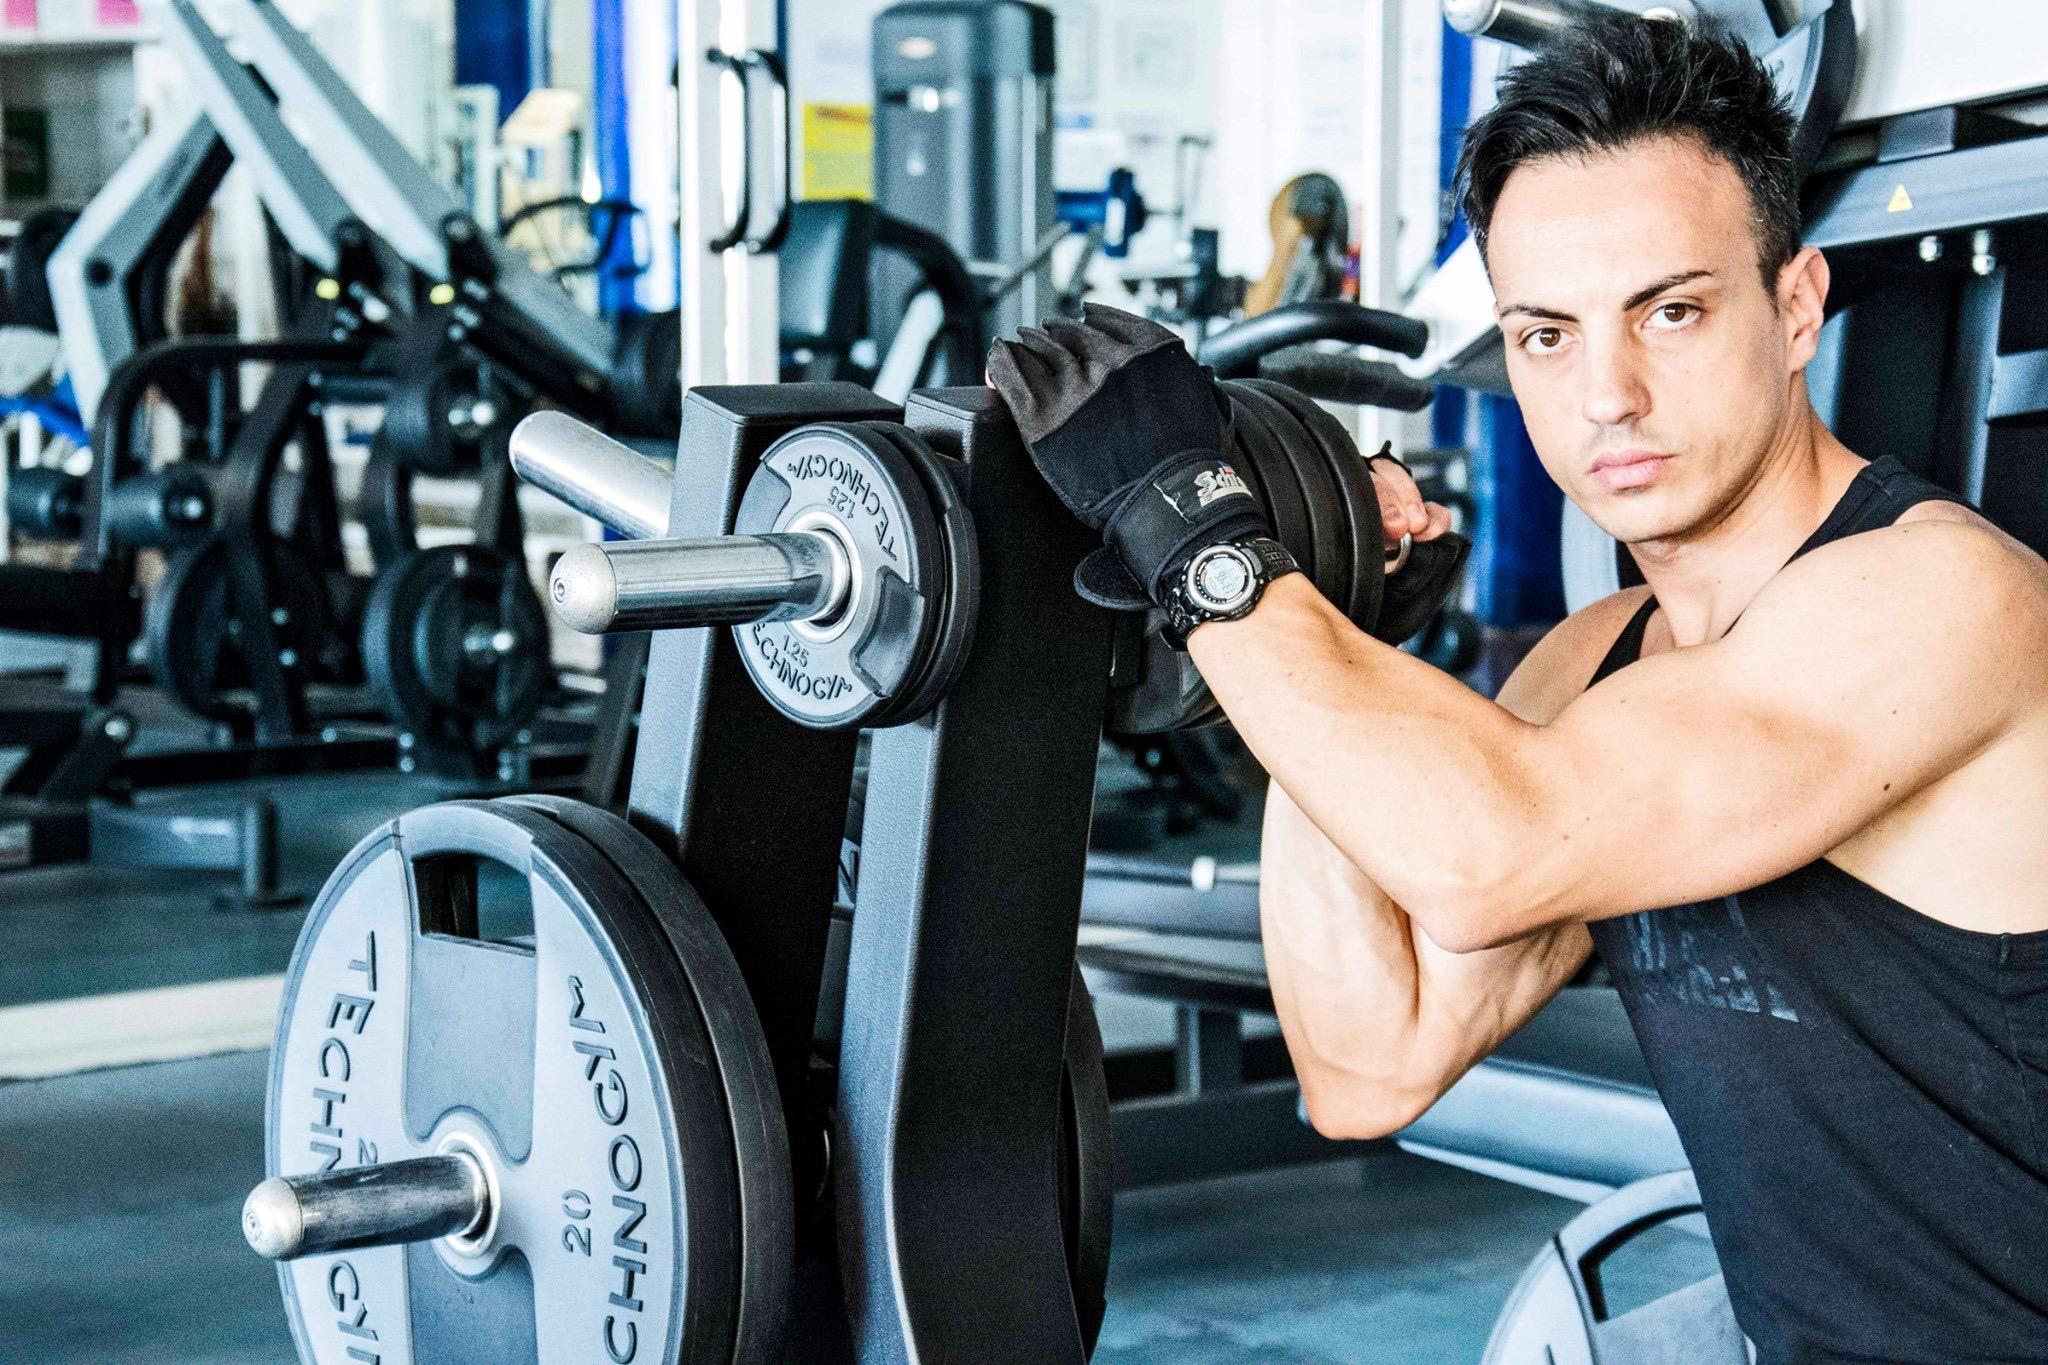 Luigi personal trainer fitness rubrica tutto fitness